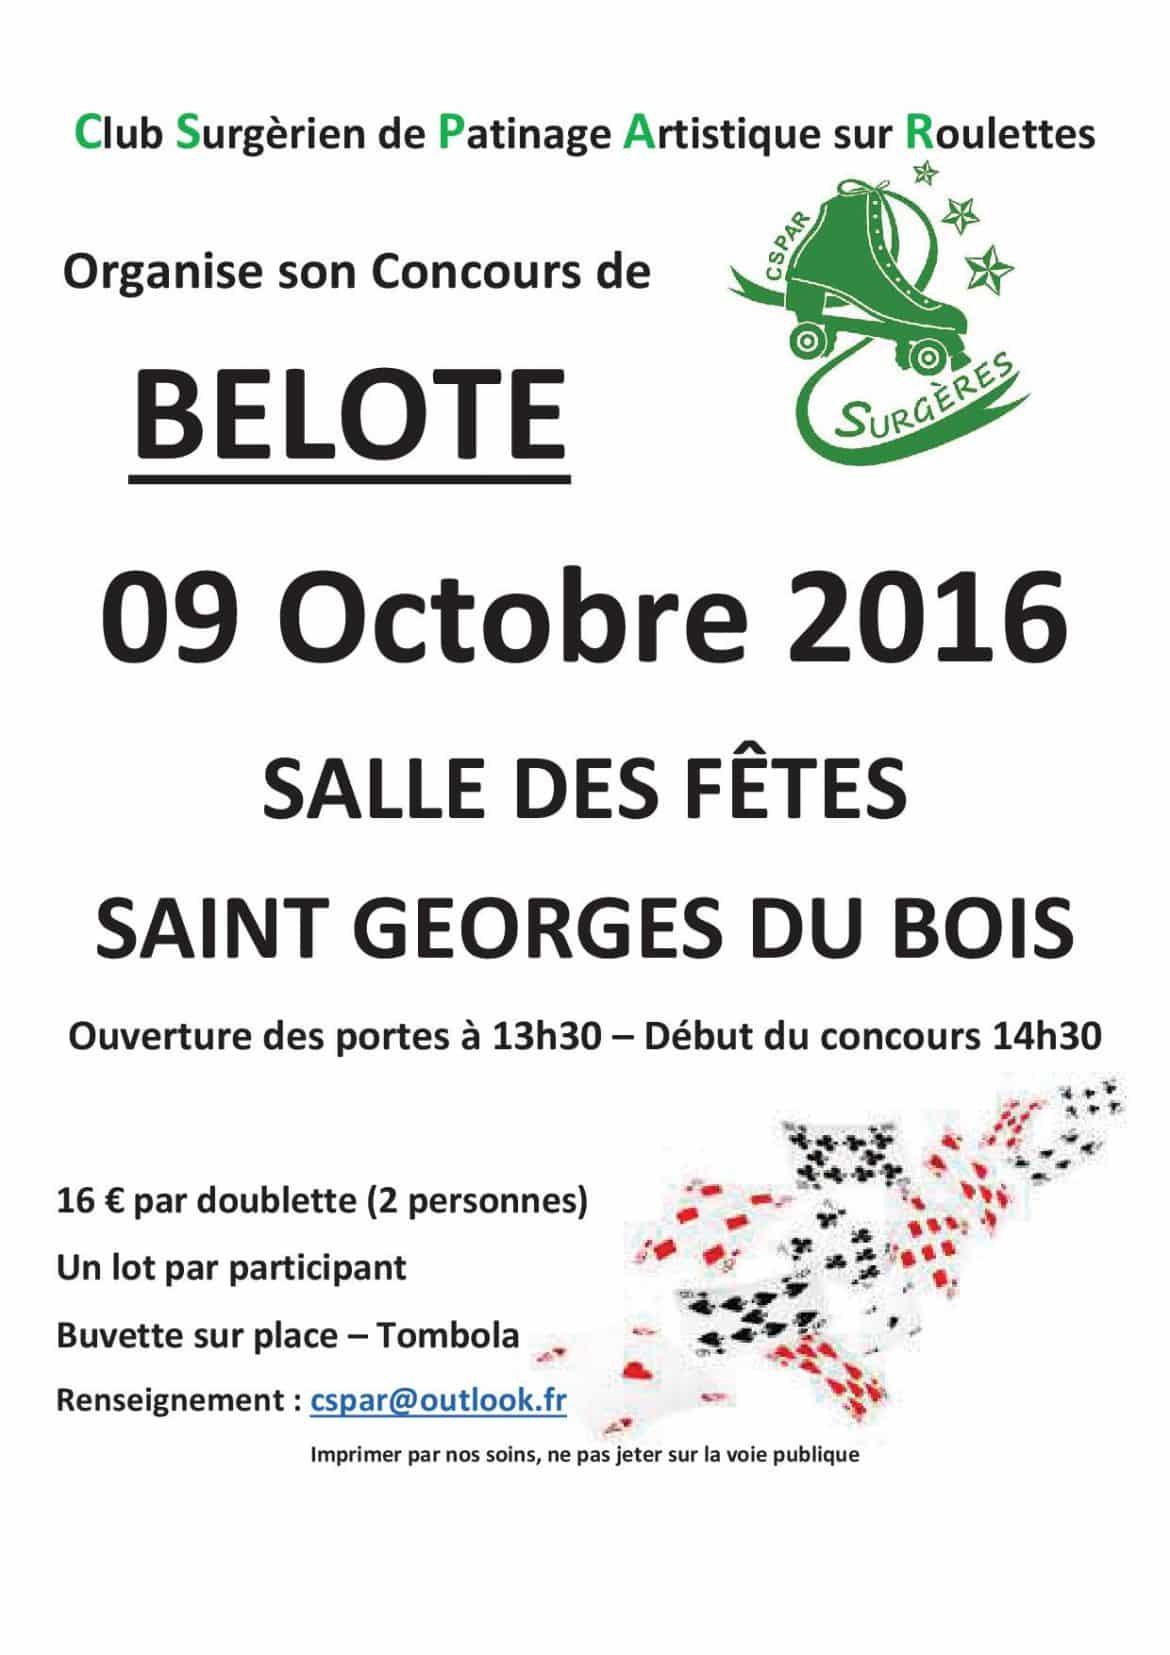 Concours de Belote le 09 octobre 2016 à St Georges du Bois (17)